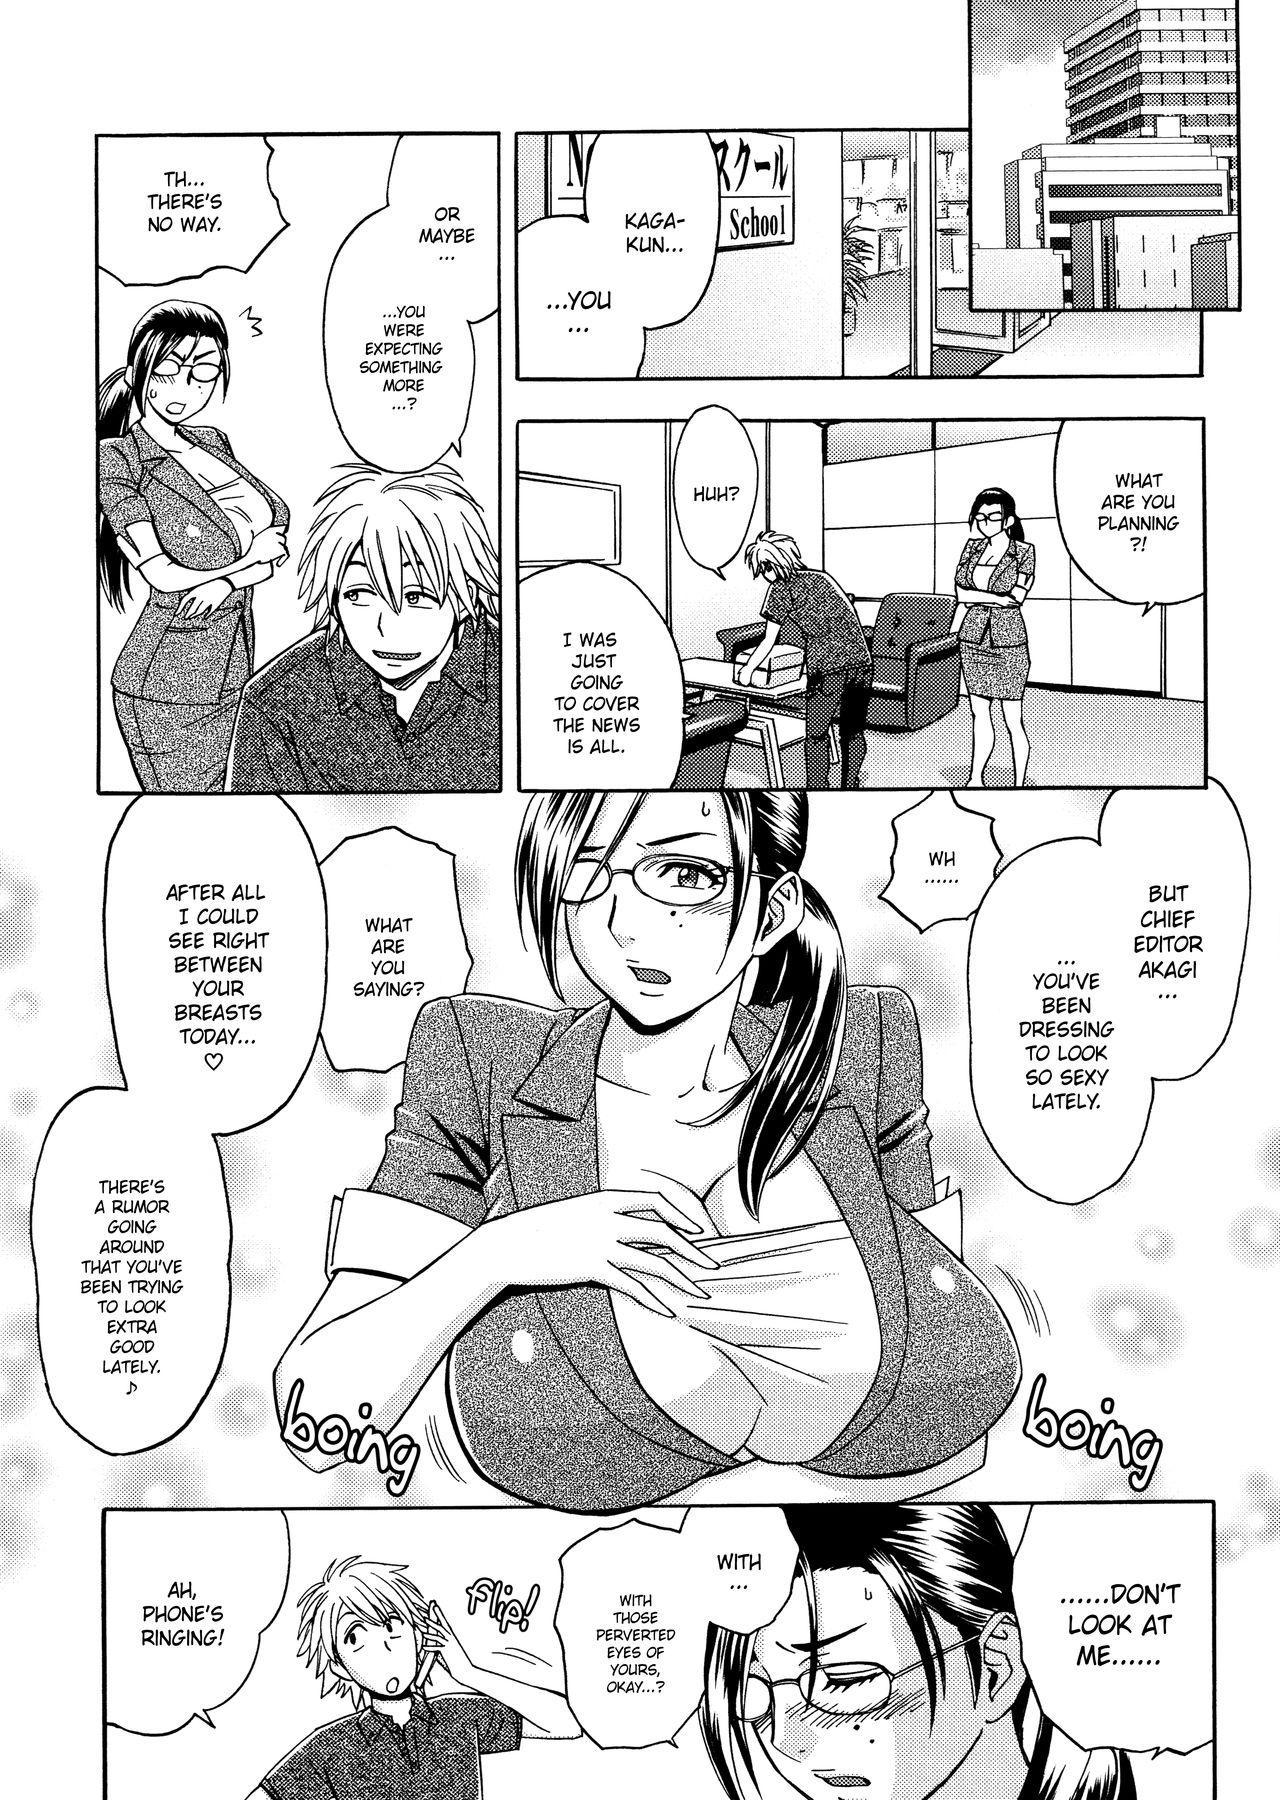 [Tatsunami Youtoku, Yamasaki Masato] Bijin Henshuu-chou no Himitsu | Beautiful Editor-in-Chief's Secret Ch. 1-8 [English] [Forbiddenfetish77, Red Vodka, Crystalium, CEDR777] [Decensored] 28